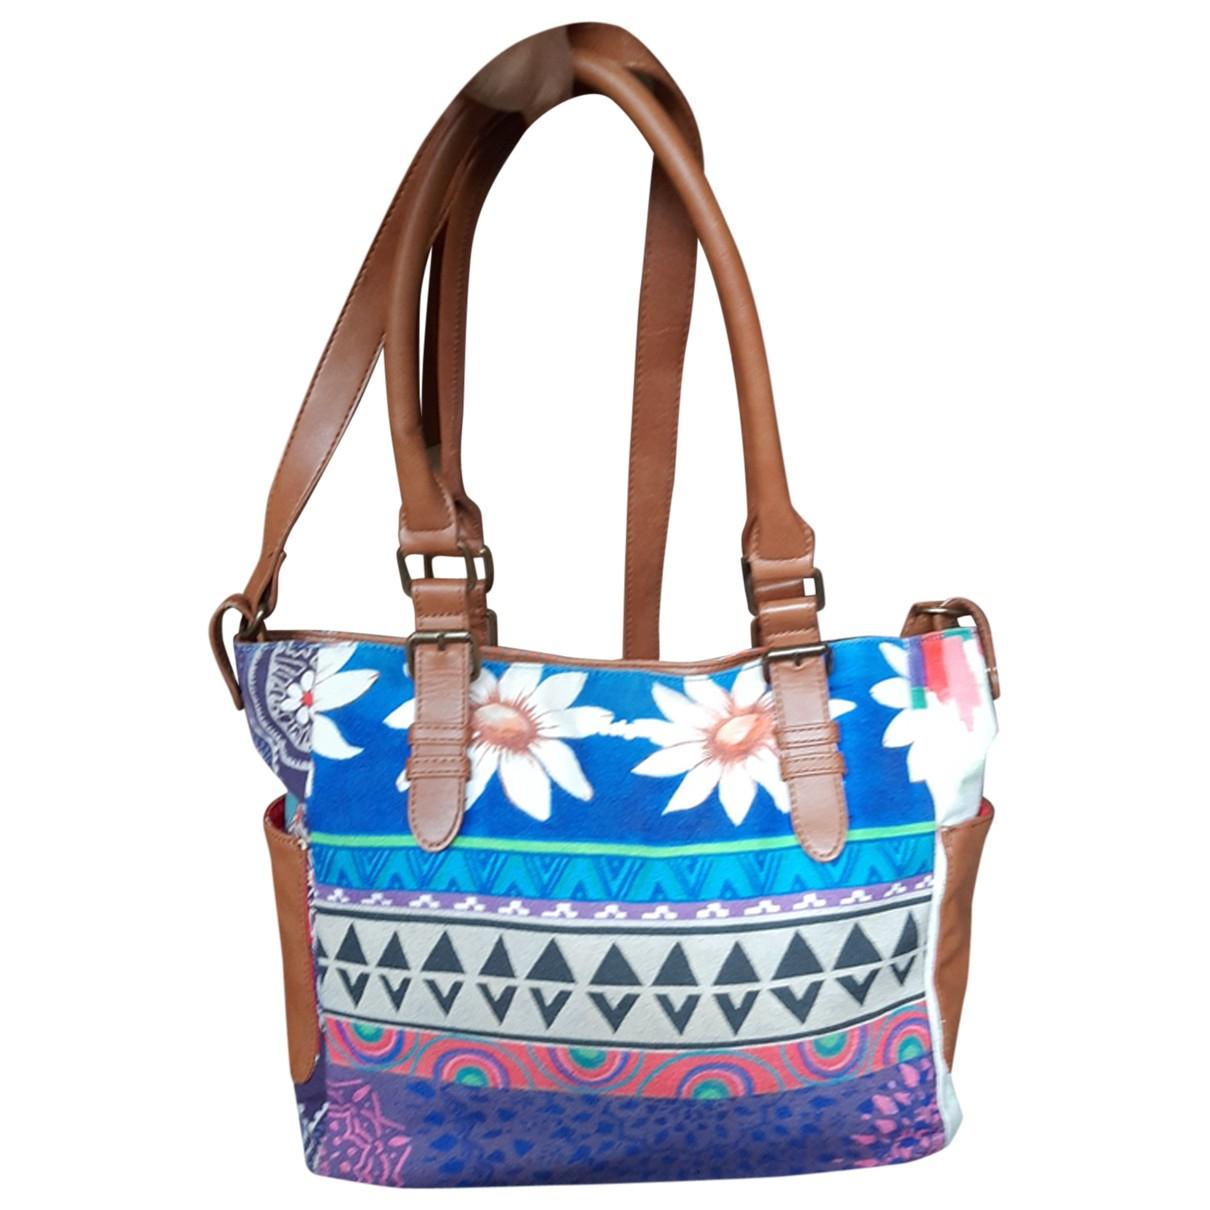 Desigual N Leather handbag for Women N